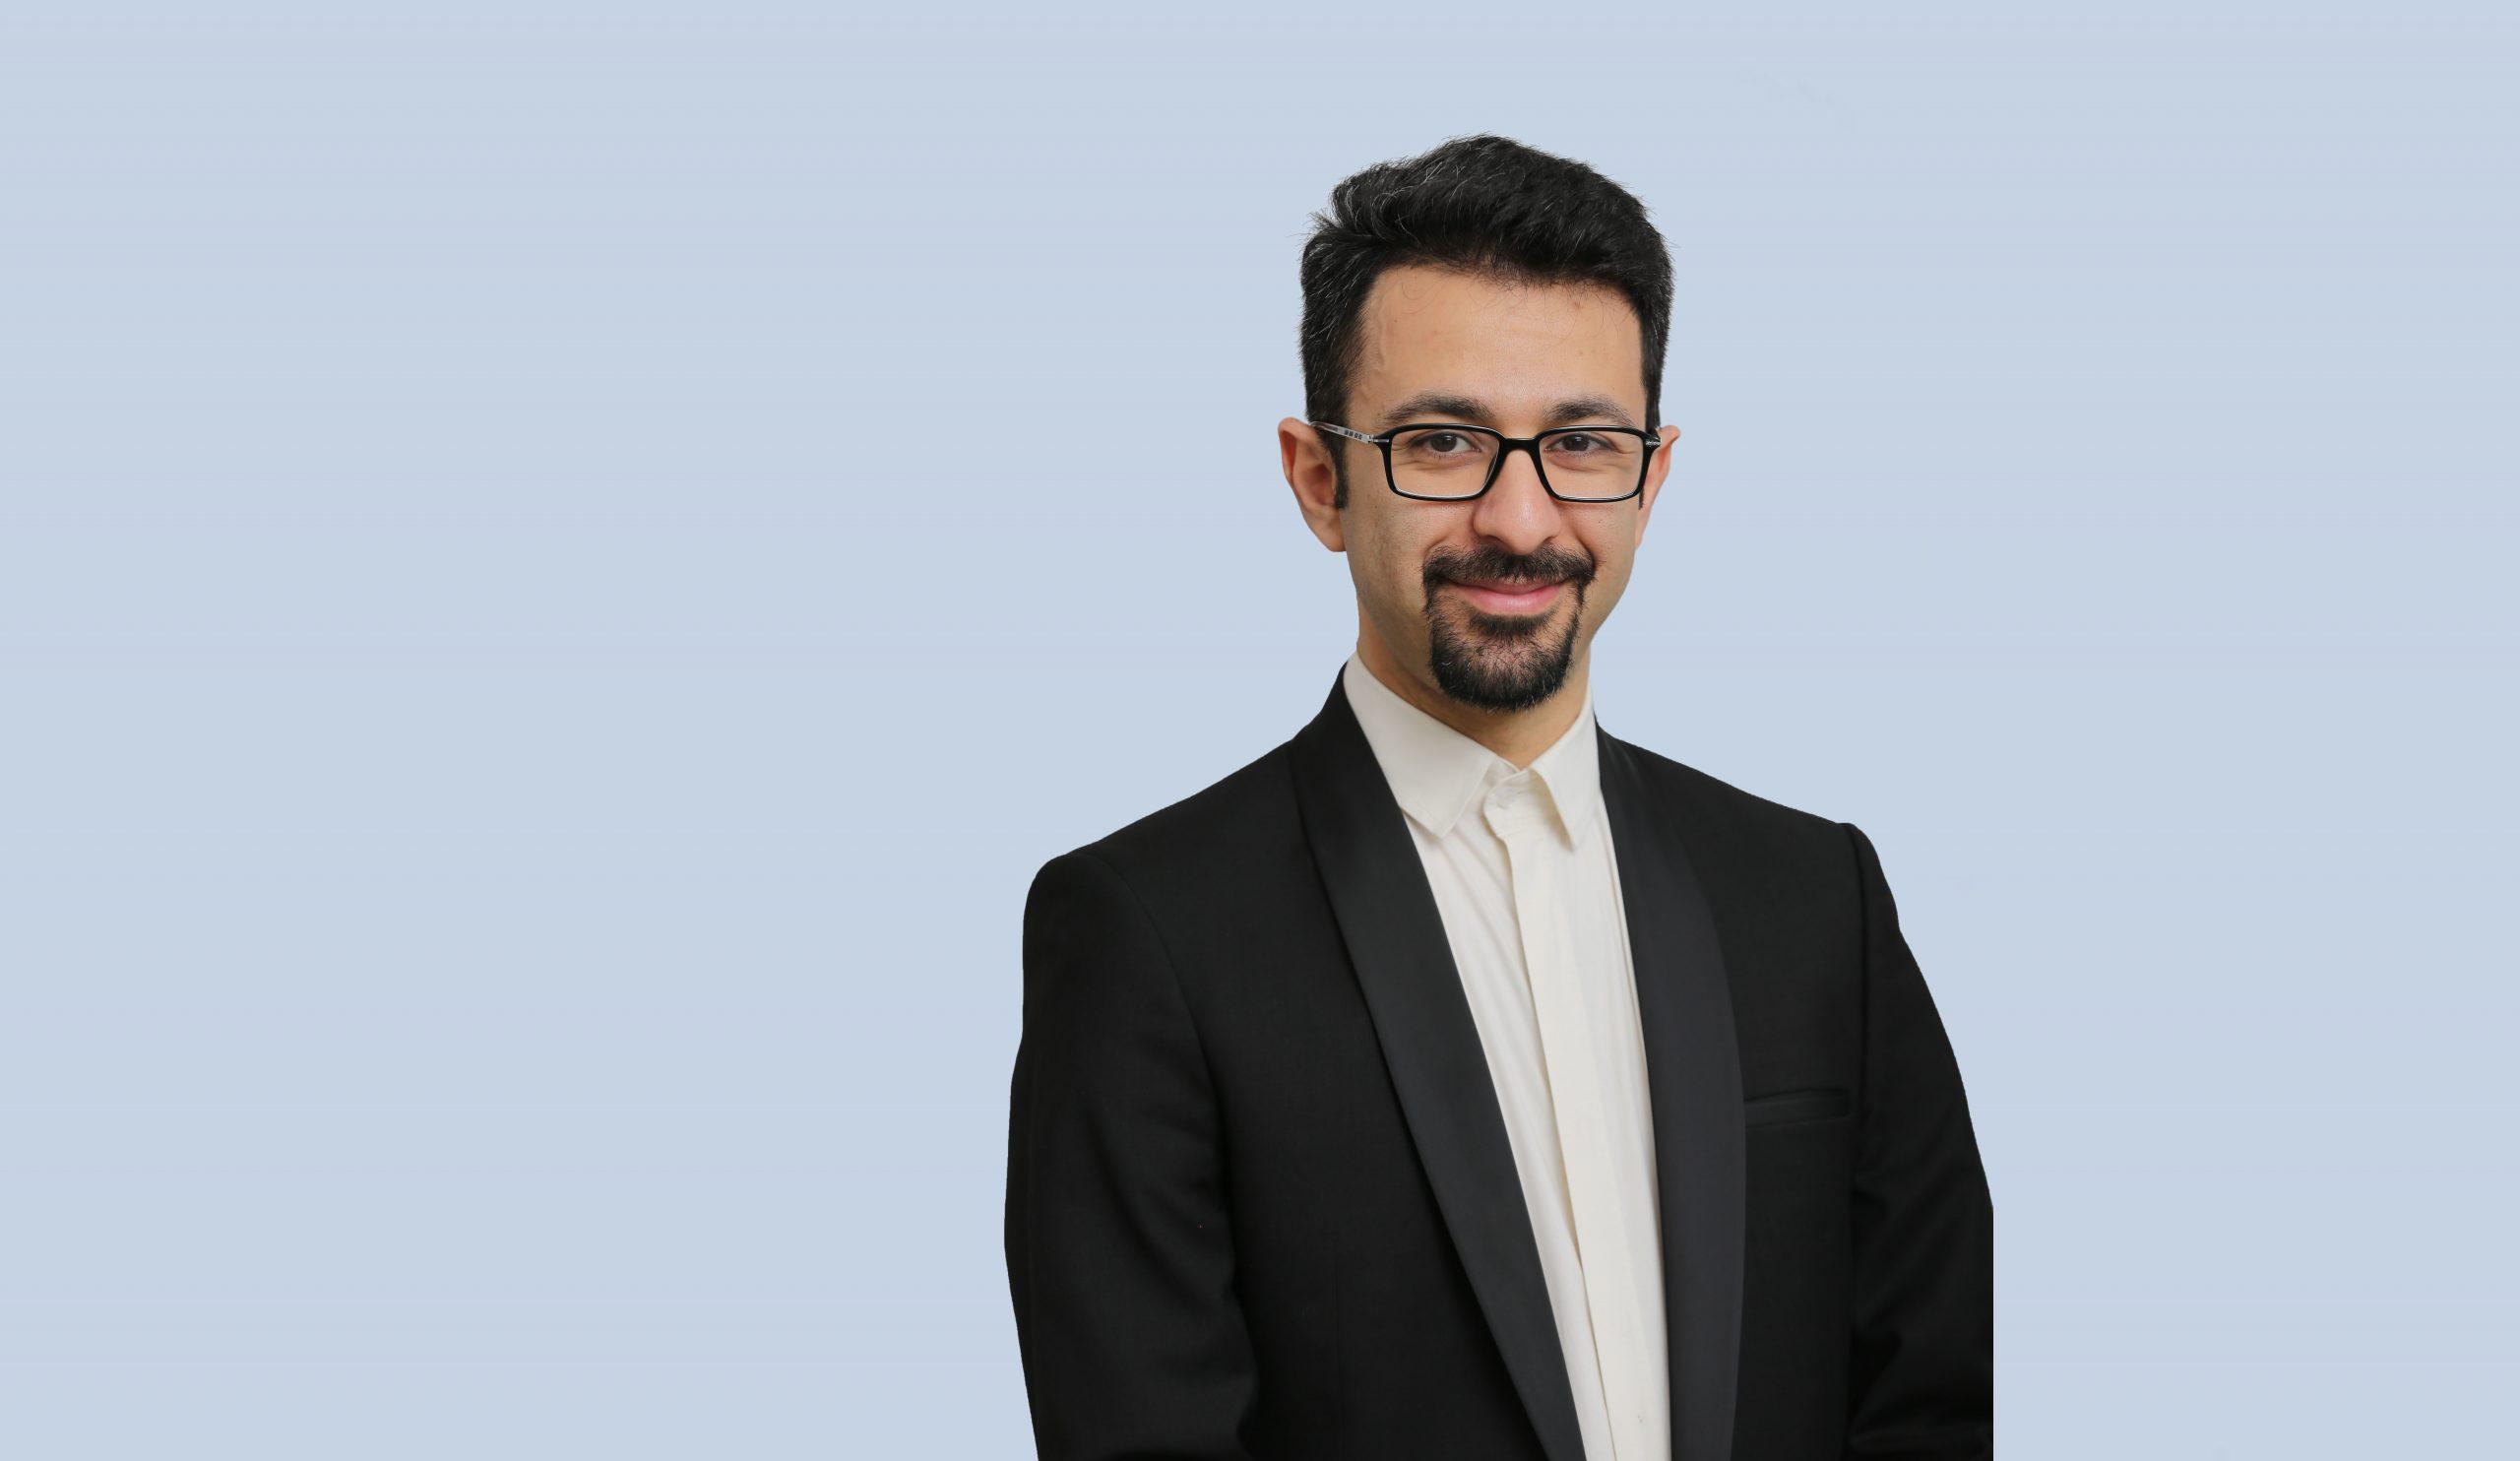 بهمن شمشیرساز (مدیر عامل)